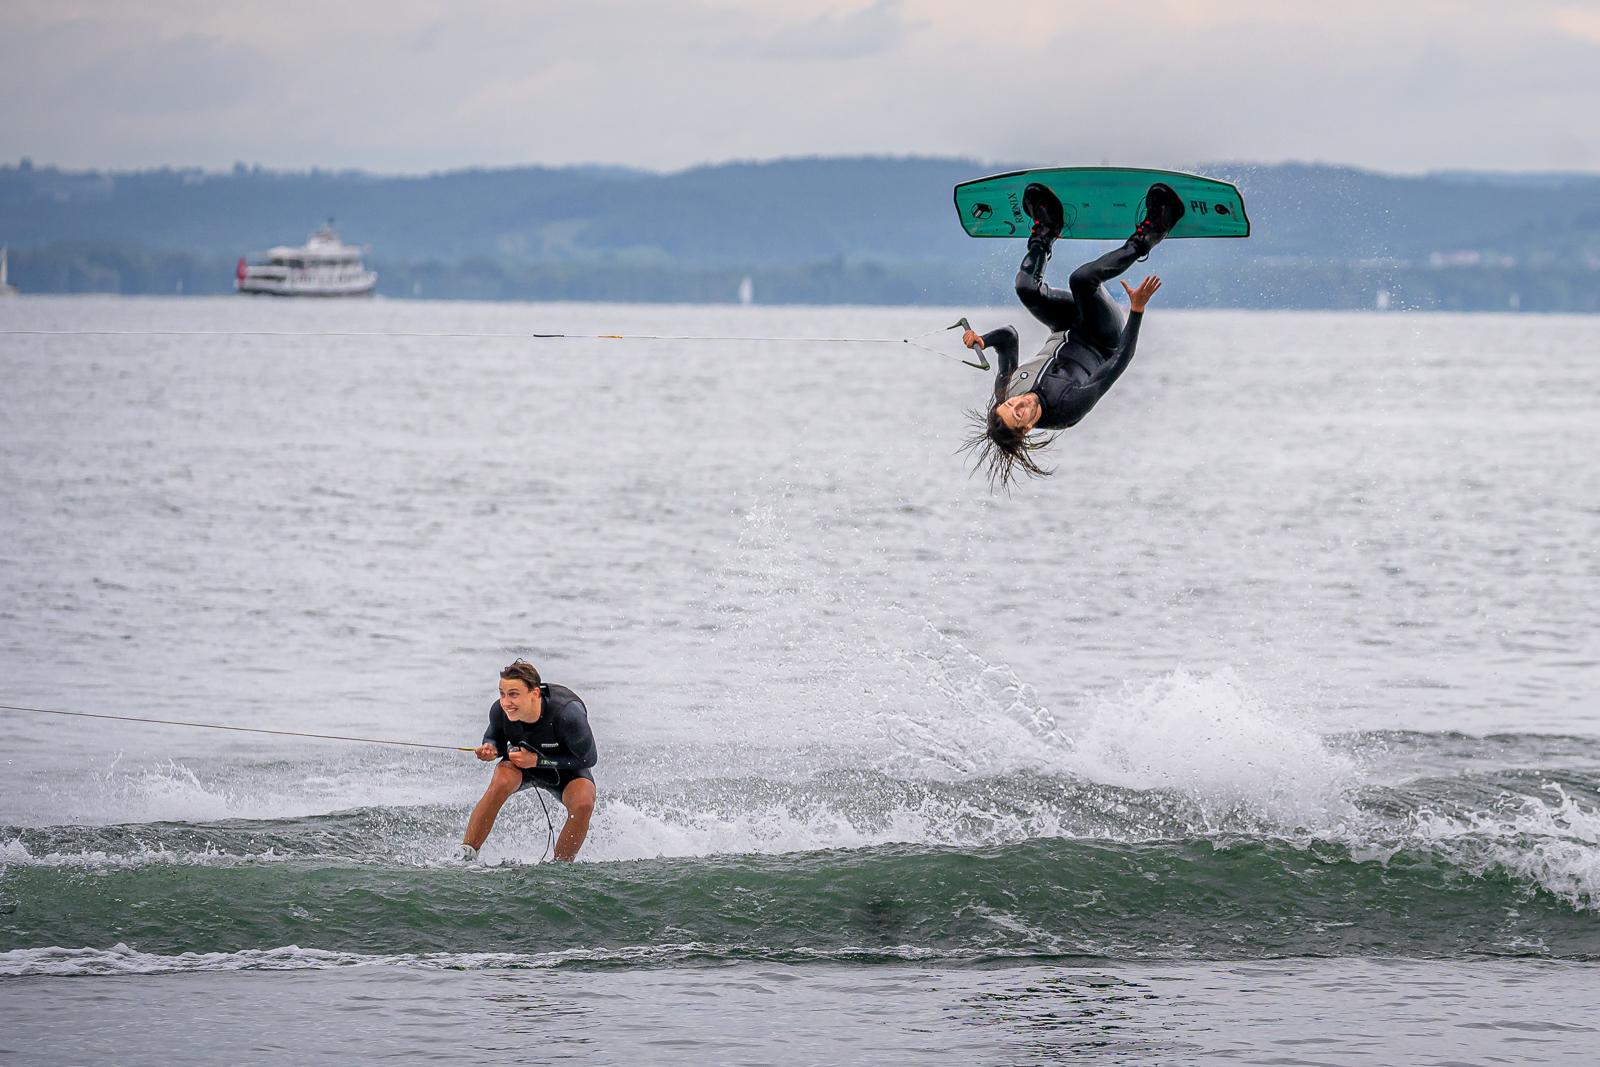 Strandfestwochen Rorschach 2021 - Wakeboardshow